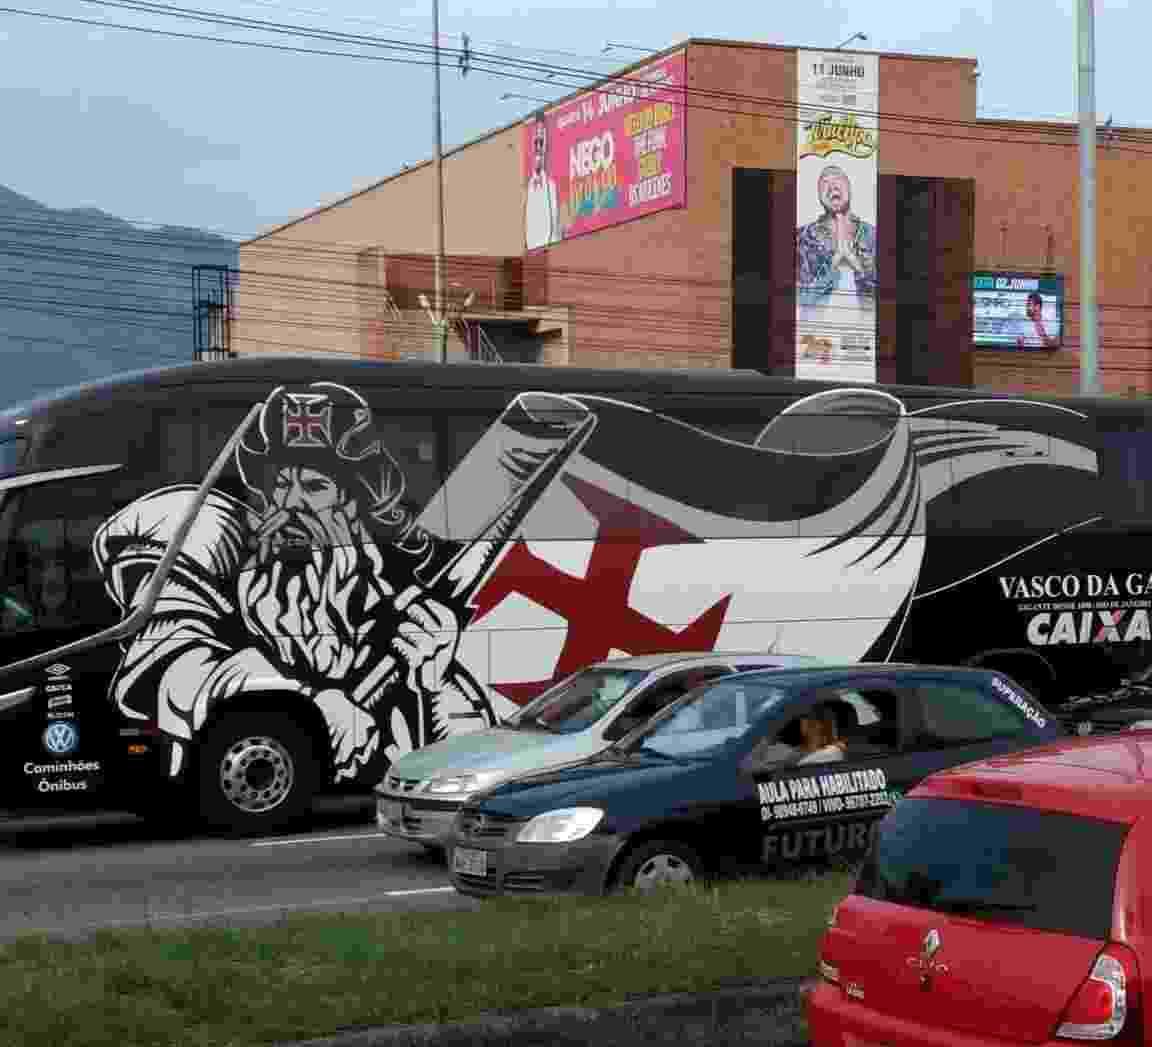 Õnibus enguiçou a caminho do estádio São Januário - Reprodução